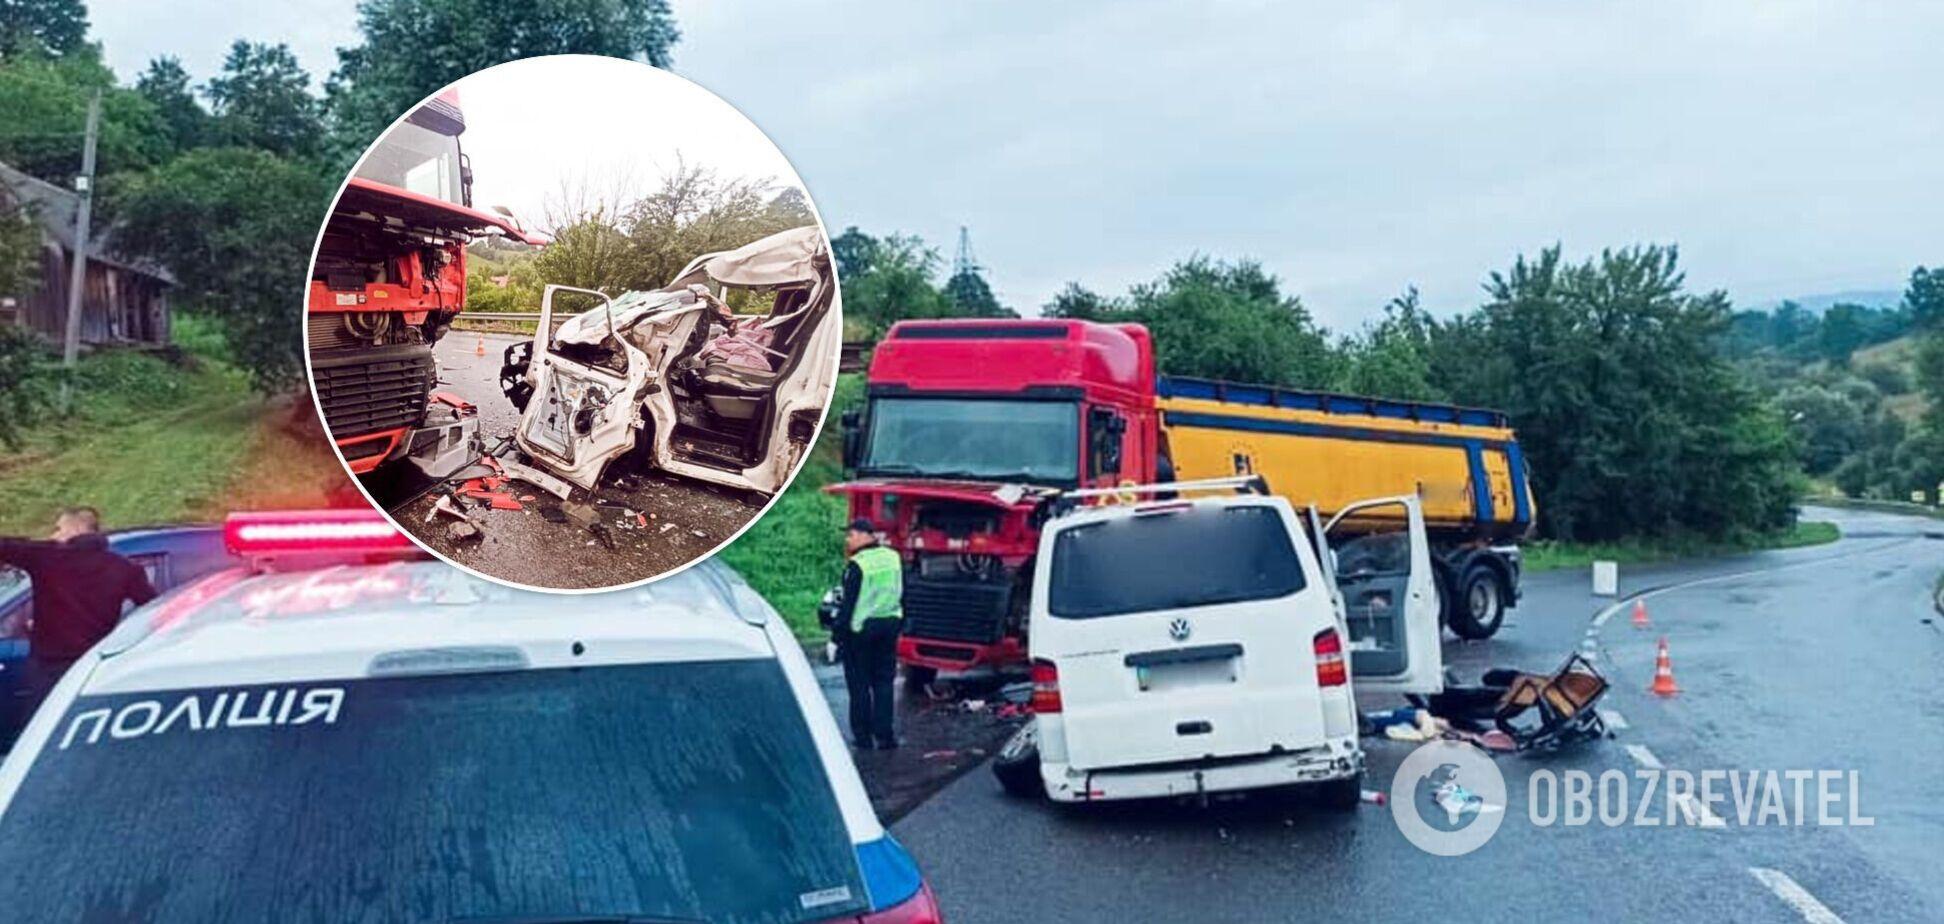 На Ивано-Франковщине микроавтобус врезался в грузовик: 2 взрослых и 6 детей в больнице. Фото с места ДТП